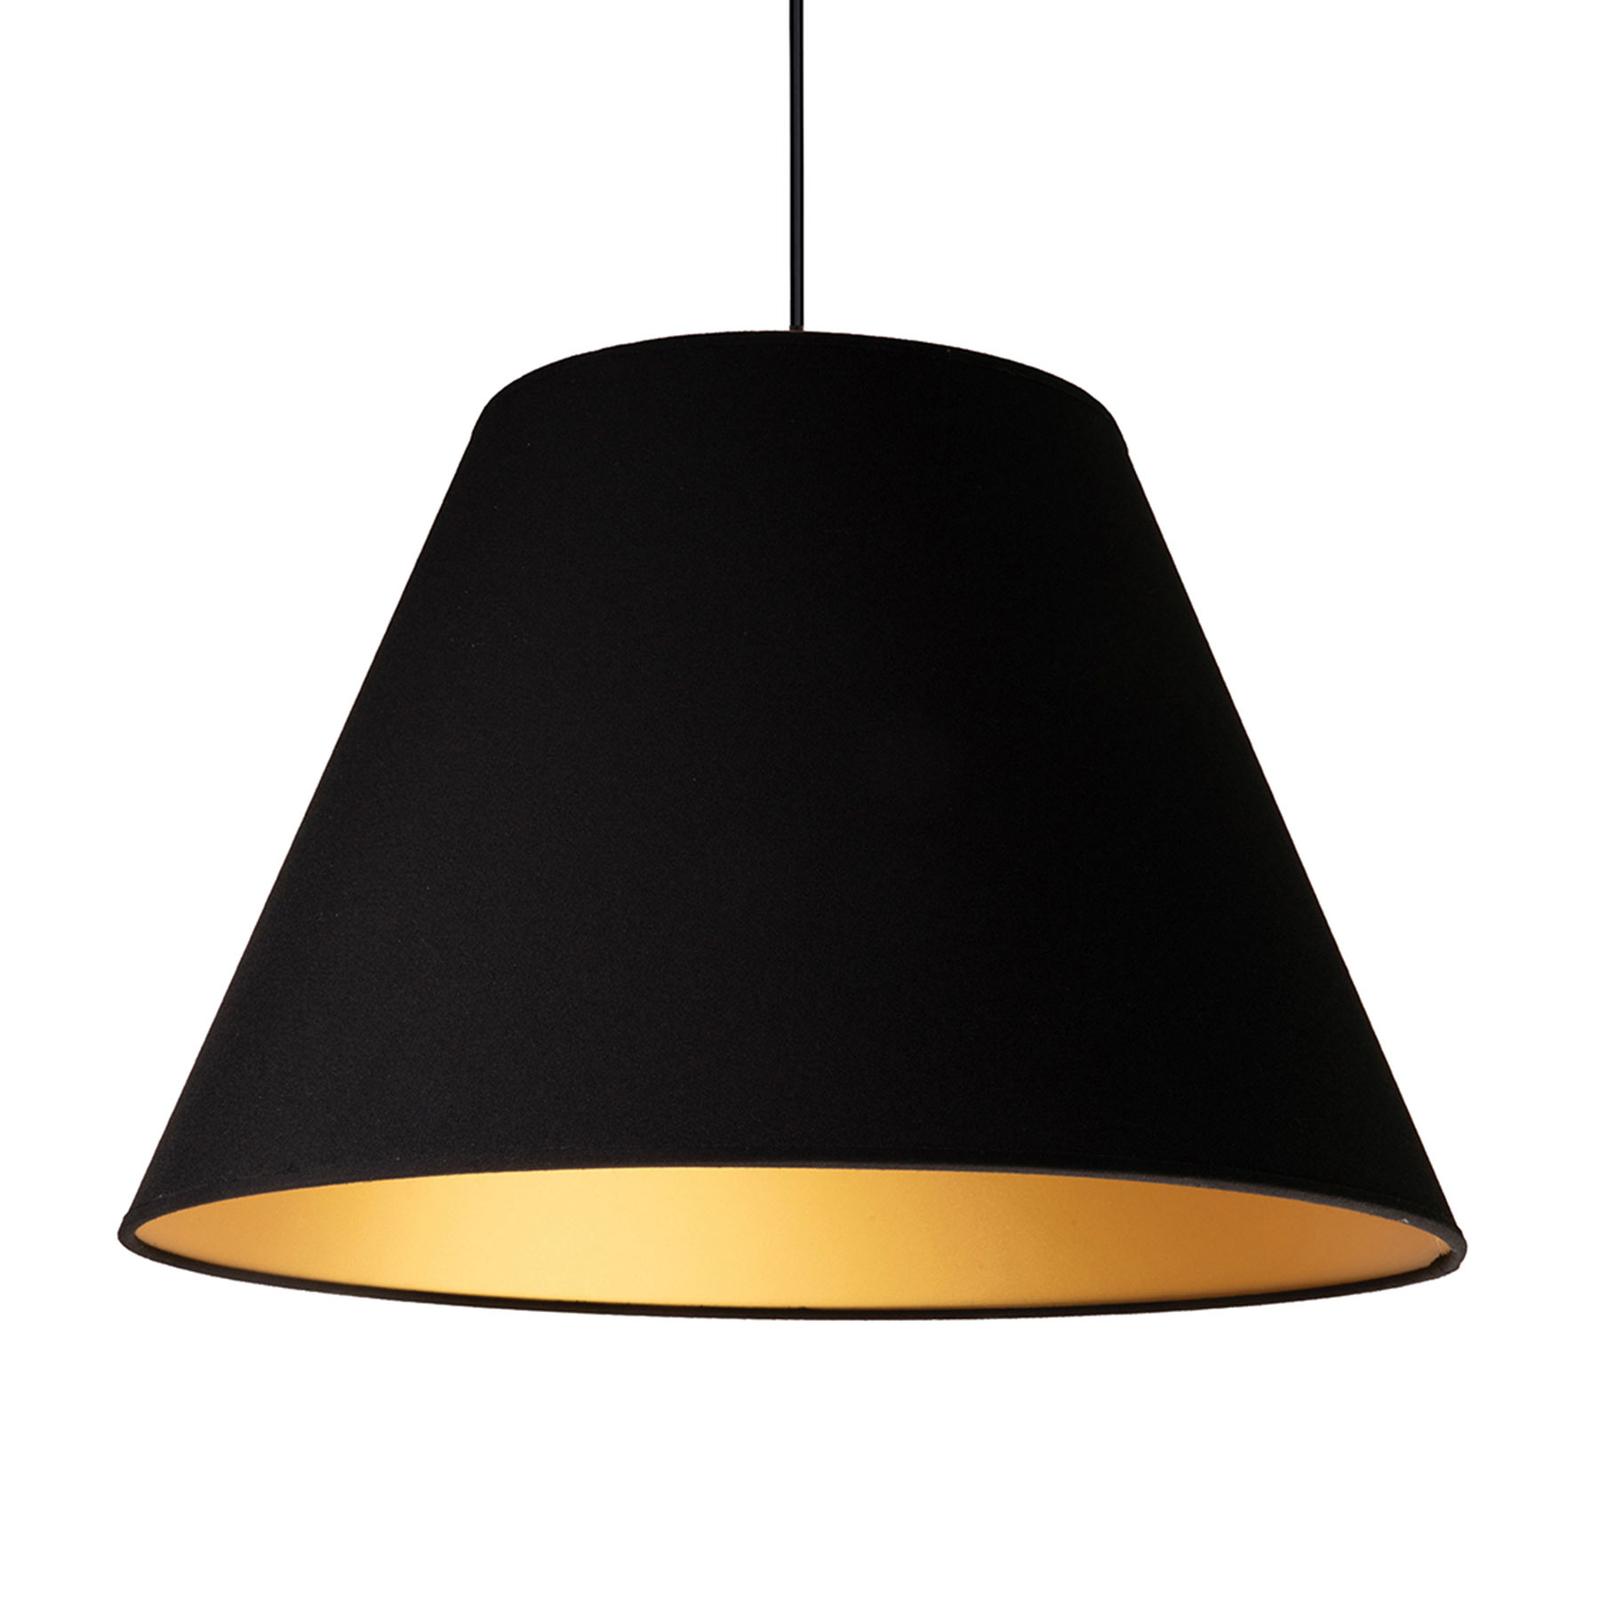 Lampa wisząca Anna, czarna, wewnątrz złota